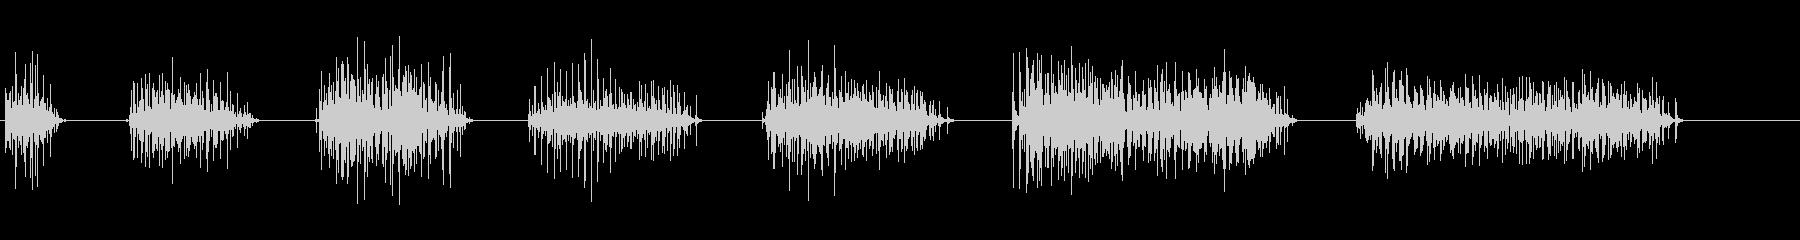 拍手14の未再生の波形